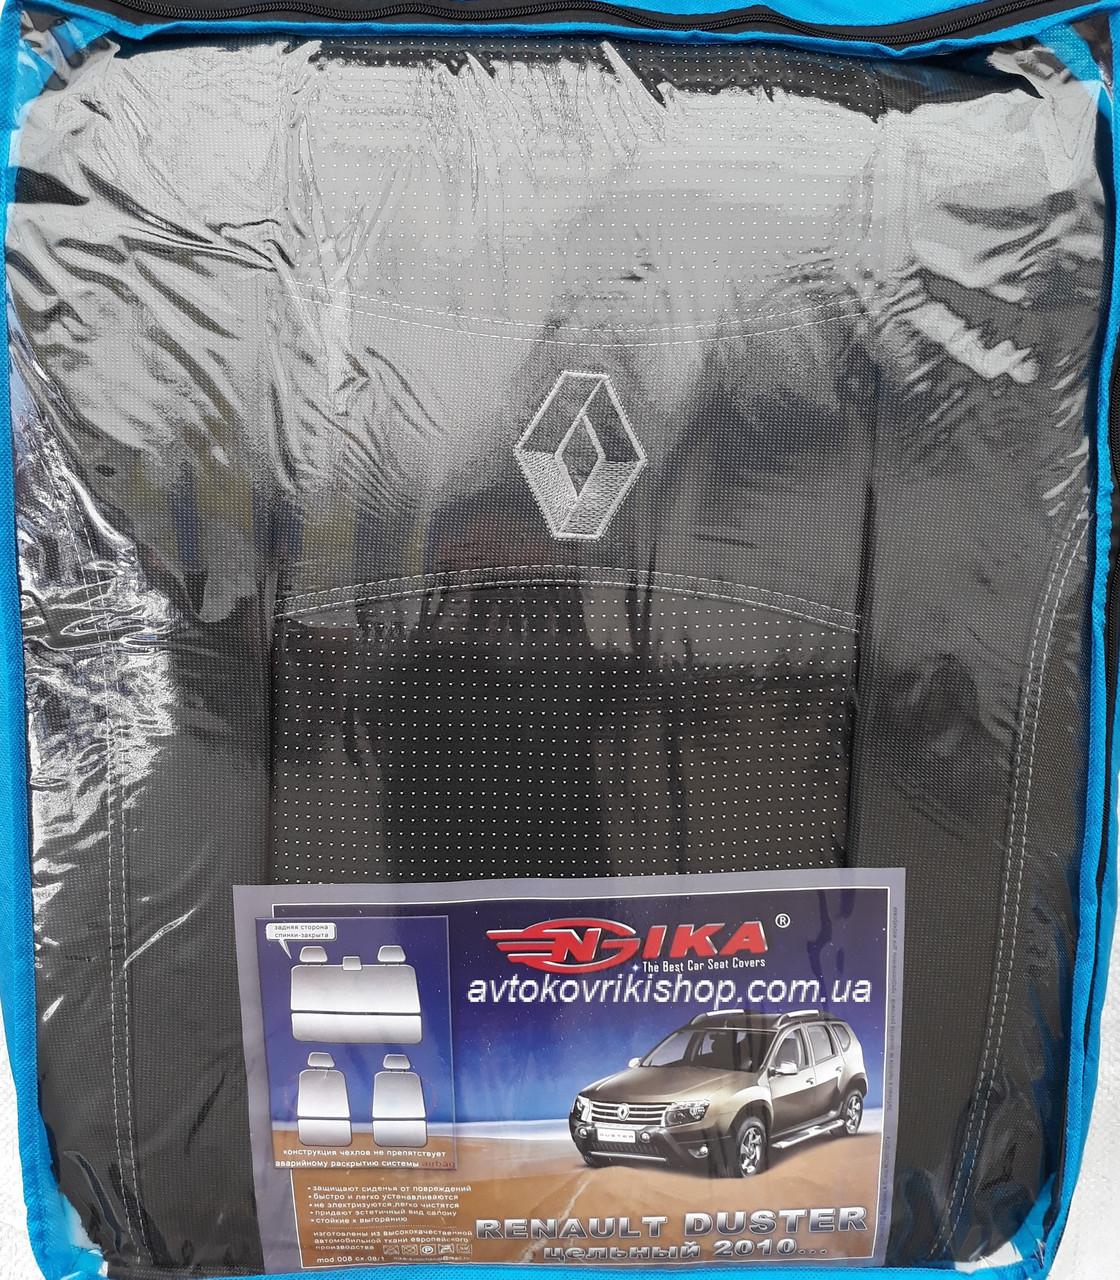 Авточехлы Renault Duster 2010- (цельная) Nika